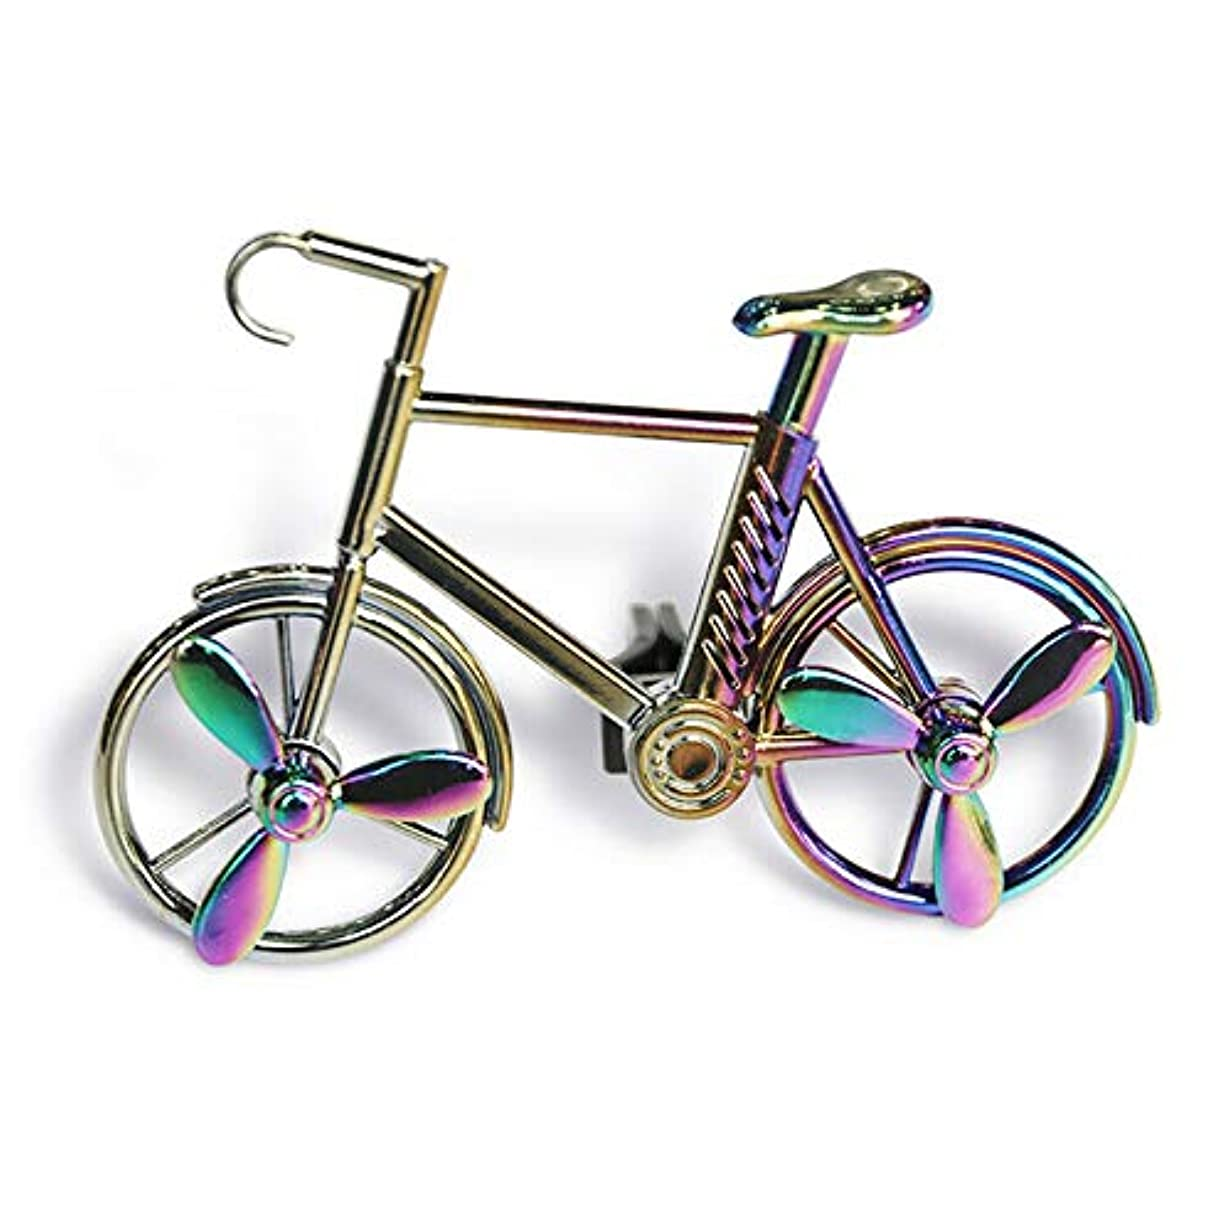 マスク相互昨日Symboat 車の芳香剤車の出口のアロマセラピーの自動車付属品の自転車の装飾品の固体芳香車の香水